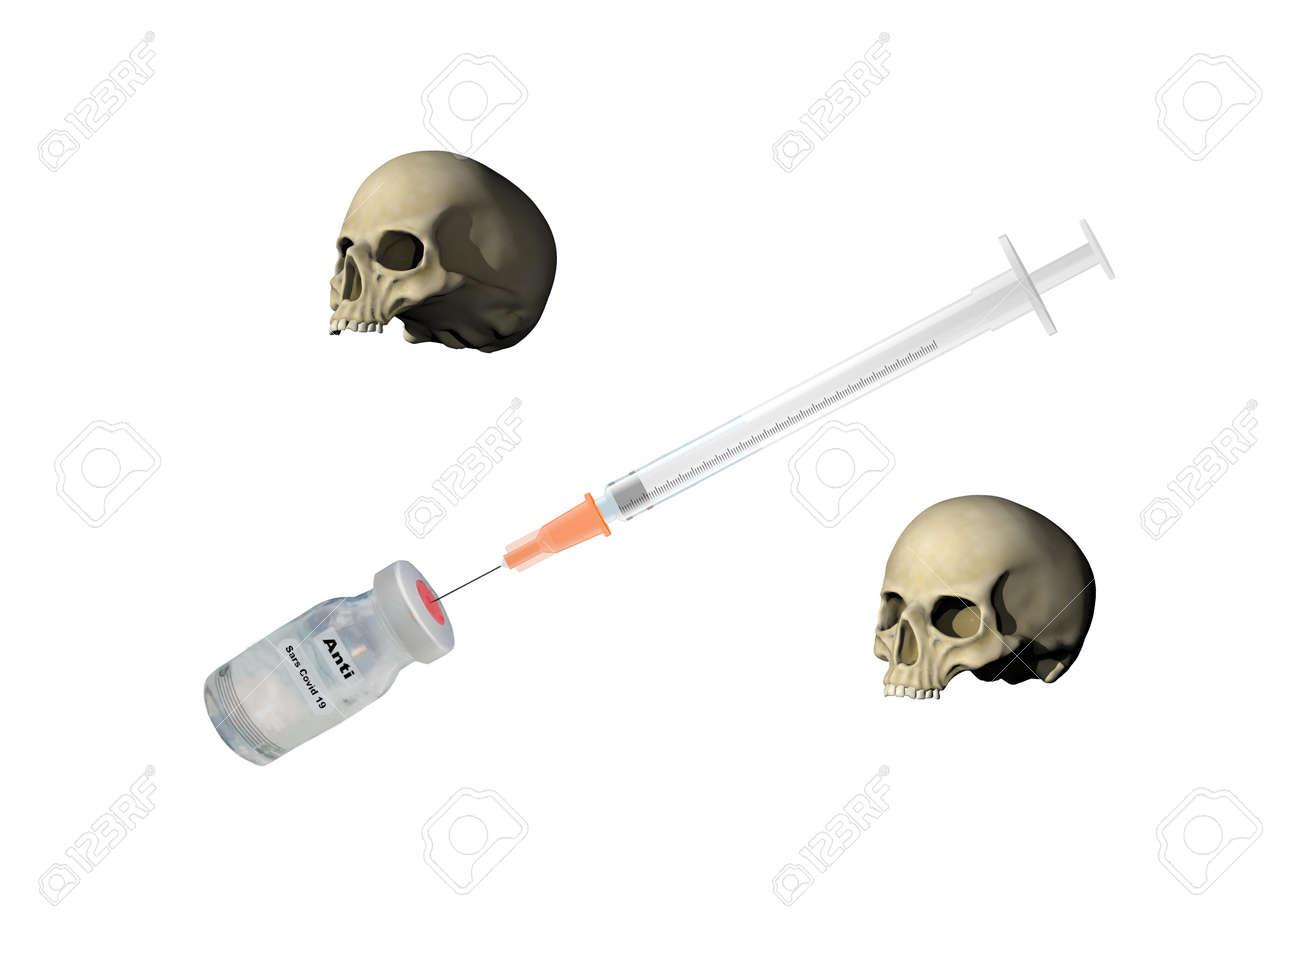 syringe and skull on white background - 3d rendering - 162988456